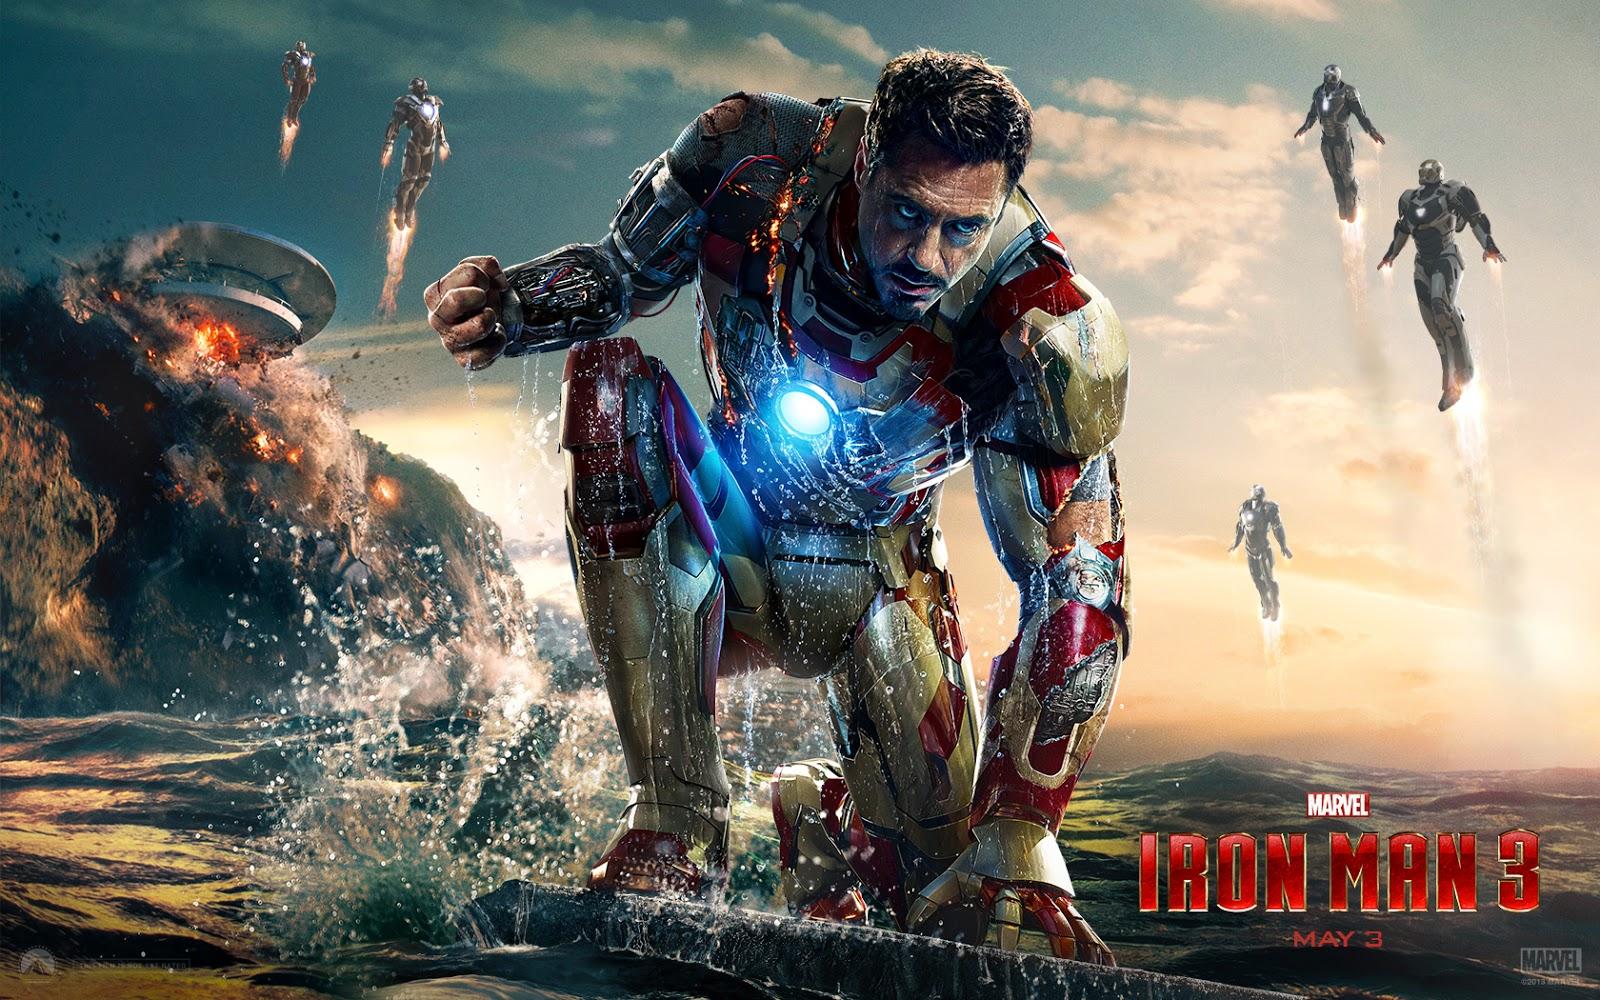 http://1.bp.blogspot.com/-IqY8M_yIJsU/UU7hNZZQ9QI/AAAAAAAACwo/MRWLwY9hImA/s1600/iron_man_3_movie-wide.jpg